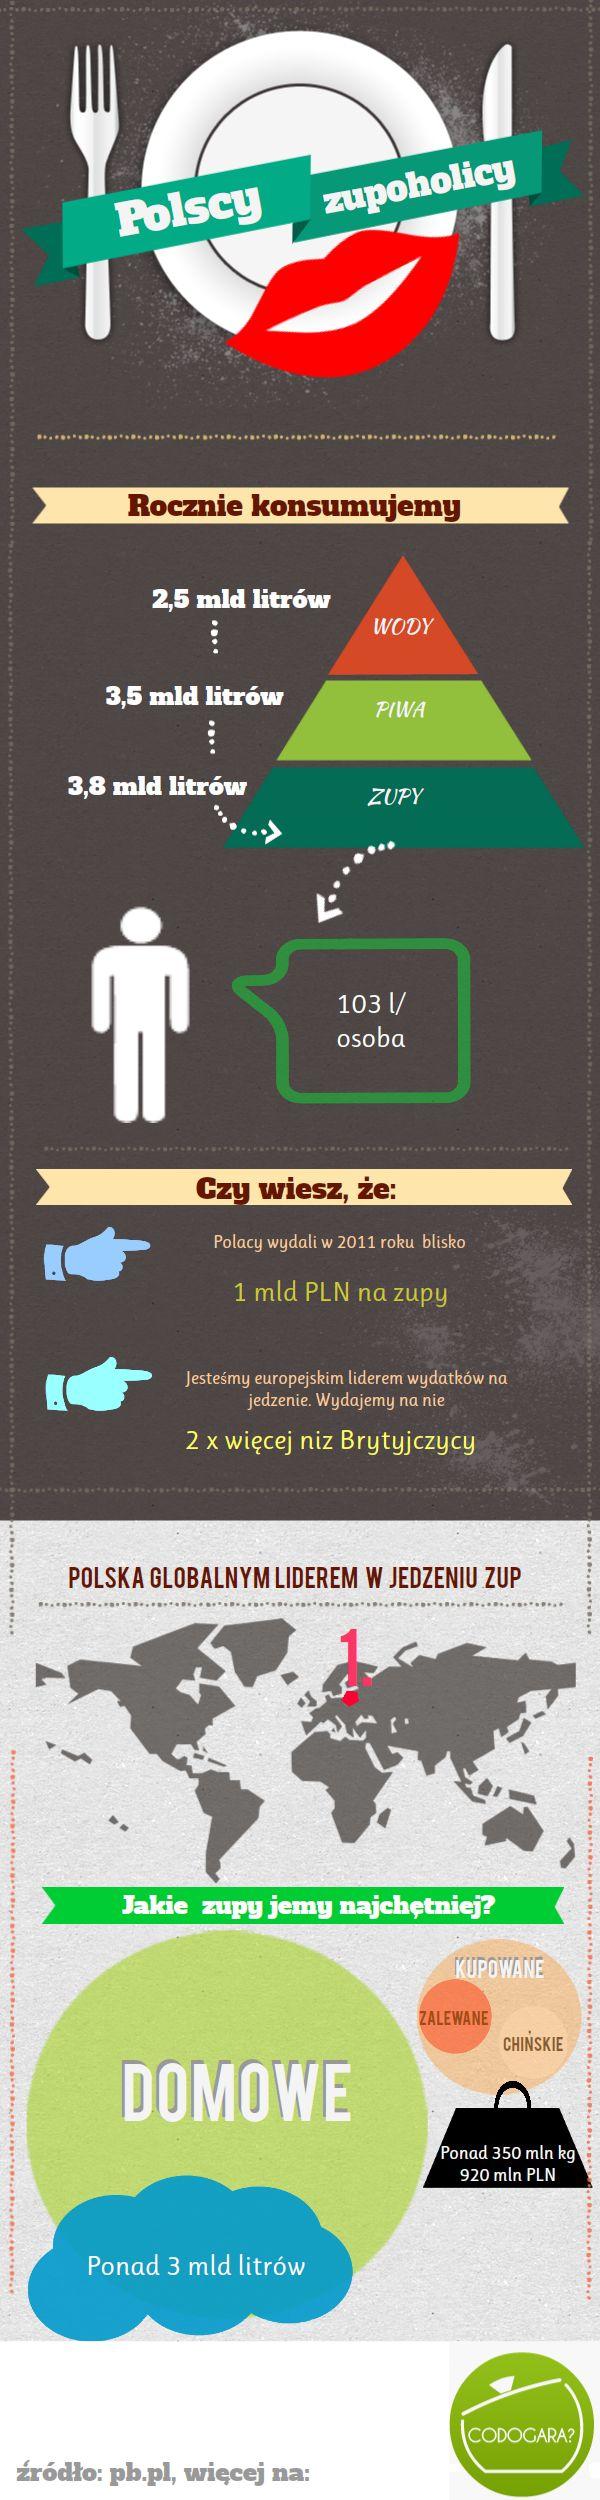 Zupy w Polsce – infografika   Przepisy kulinarne - Codogara.pl